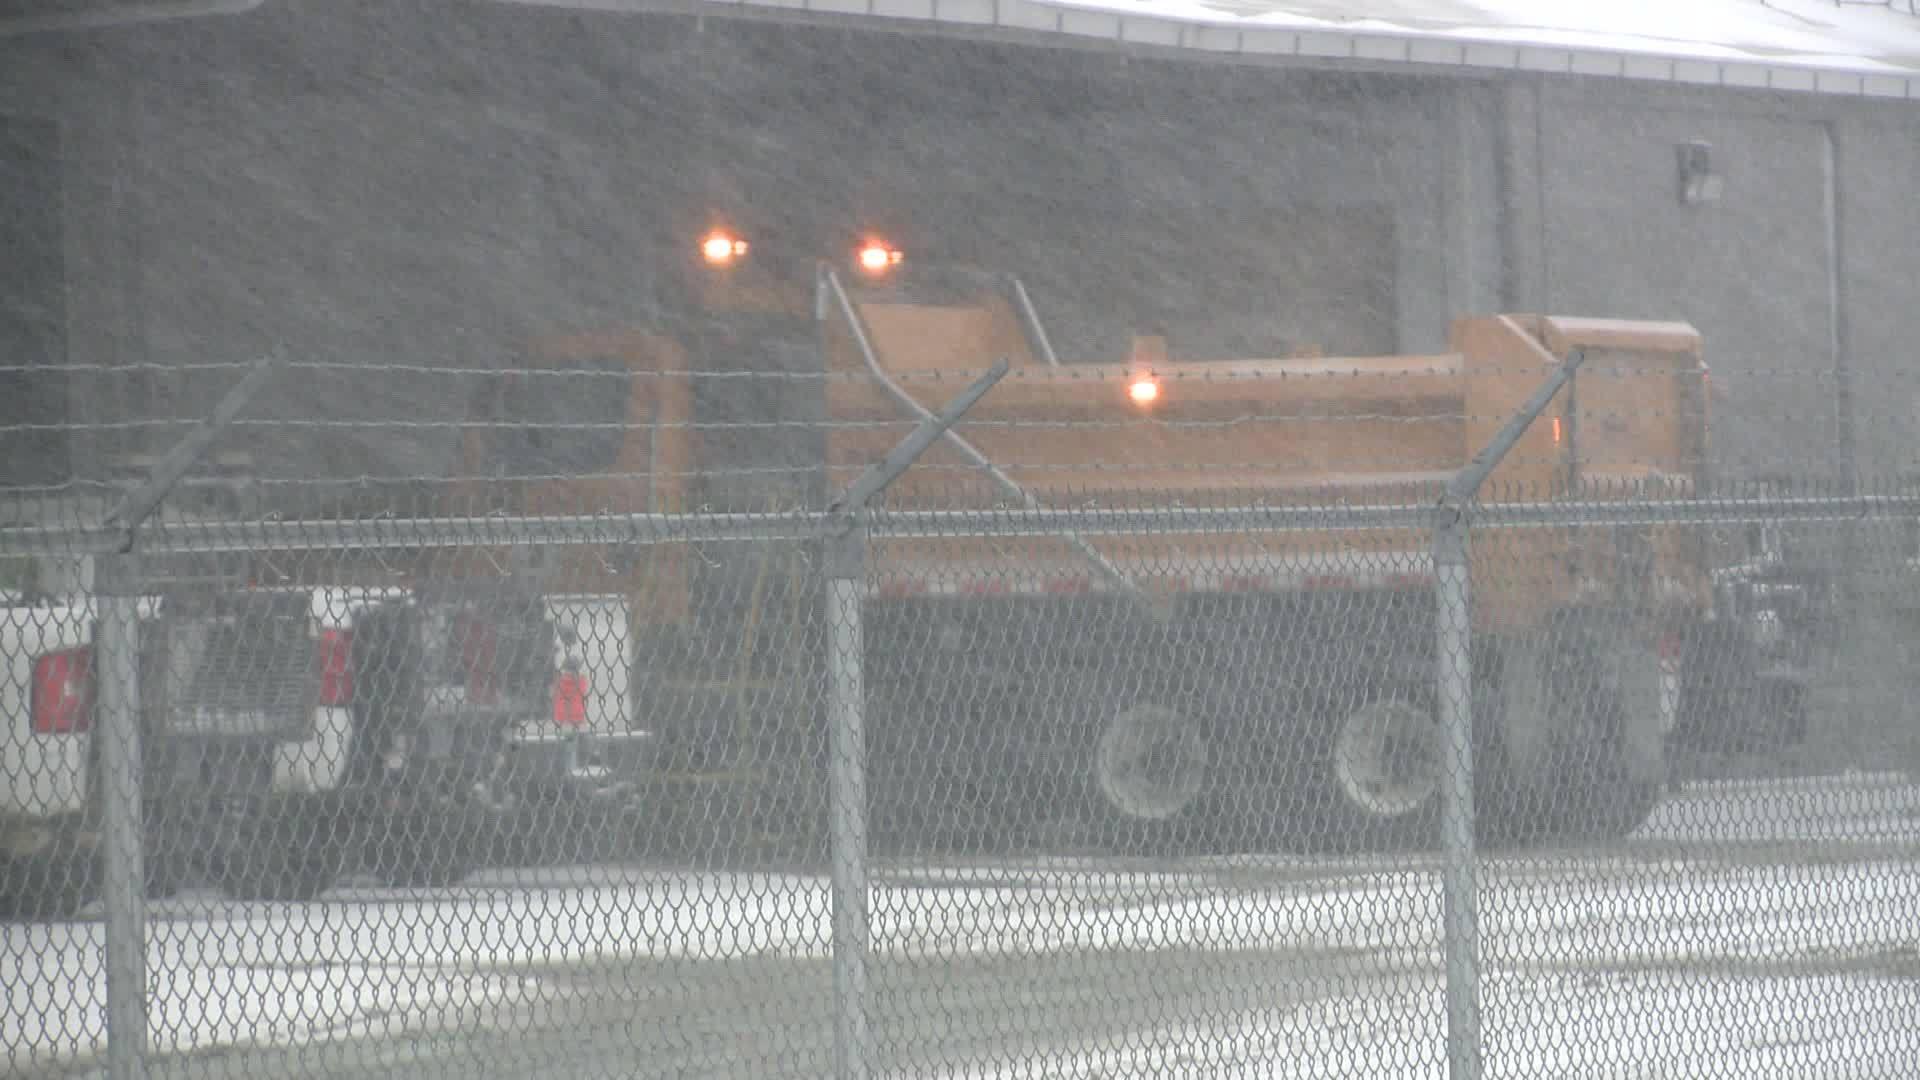 First_major_snowfall_keeps_crews_busy_0_20190113033231